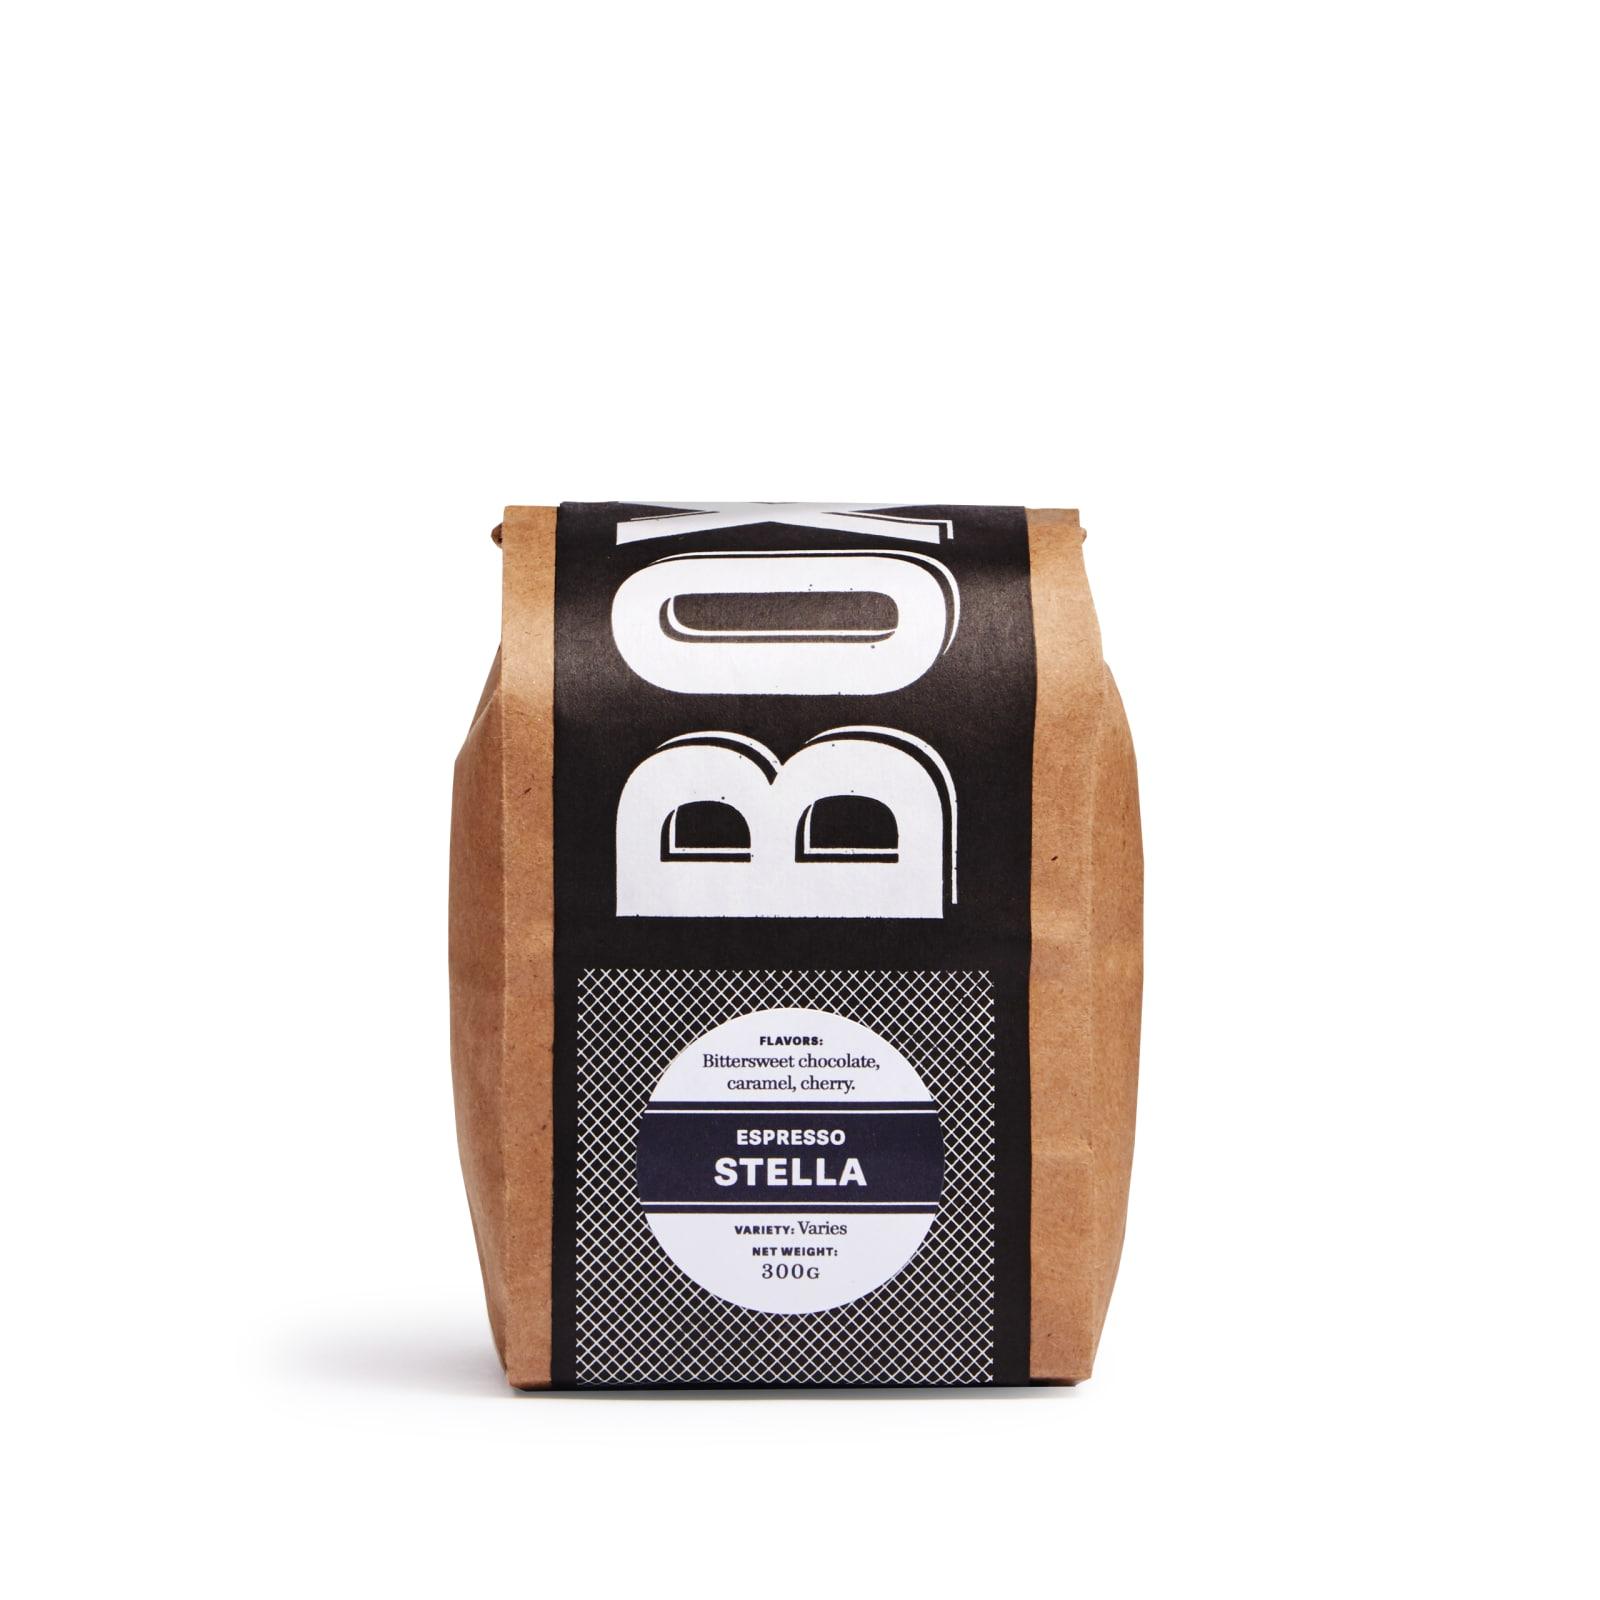 Stella Espresso